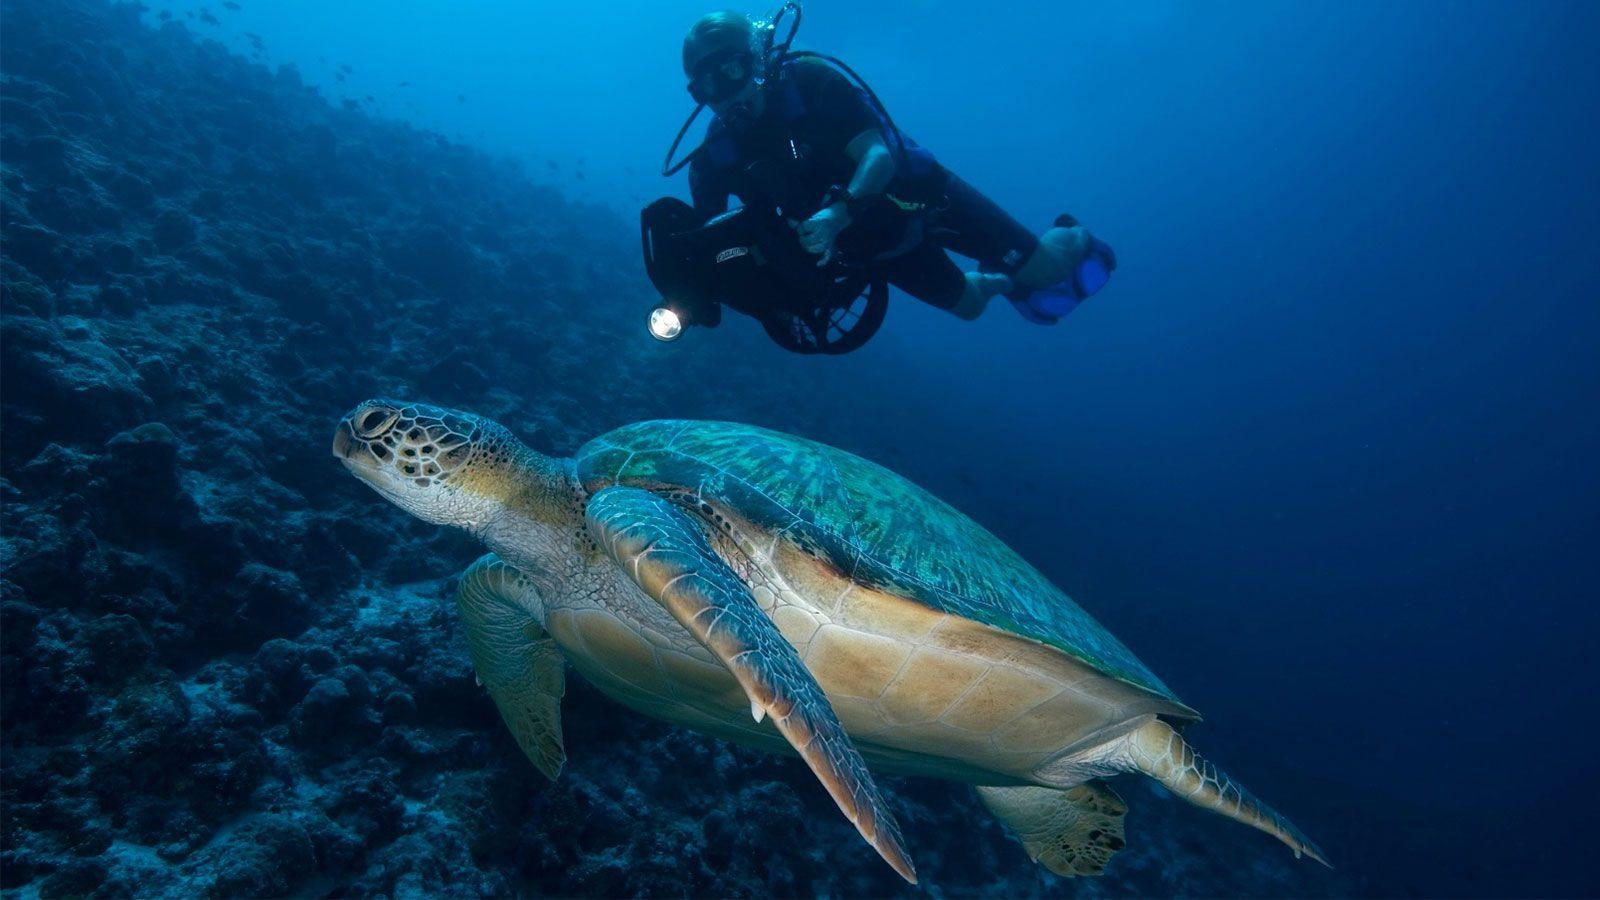 Hurawalhi Maldives scooter diving